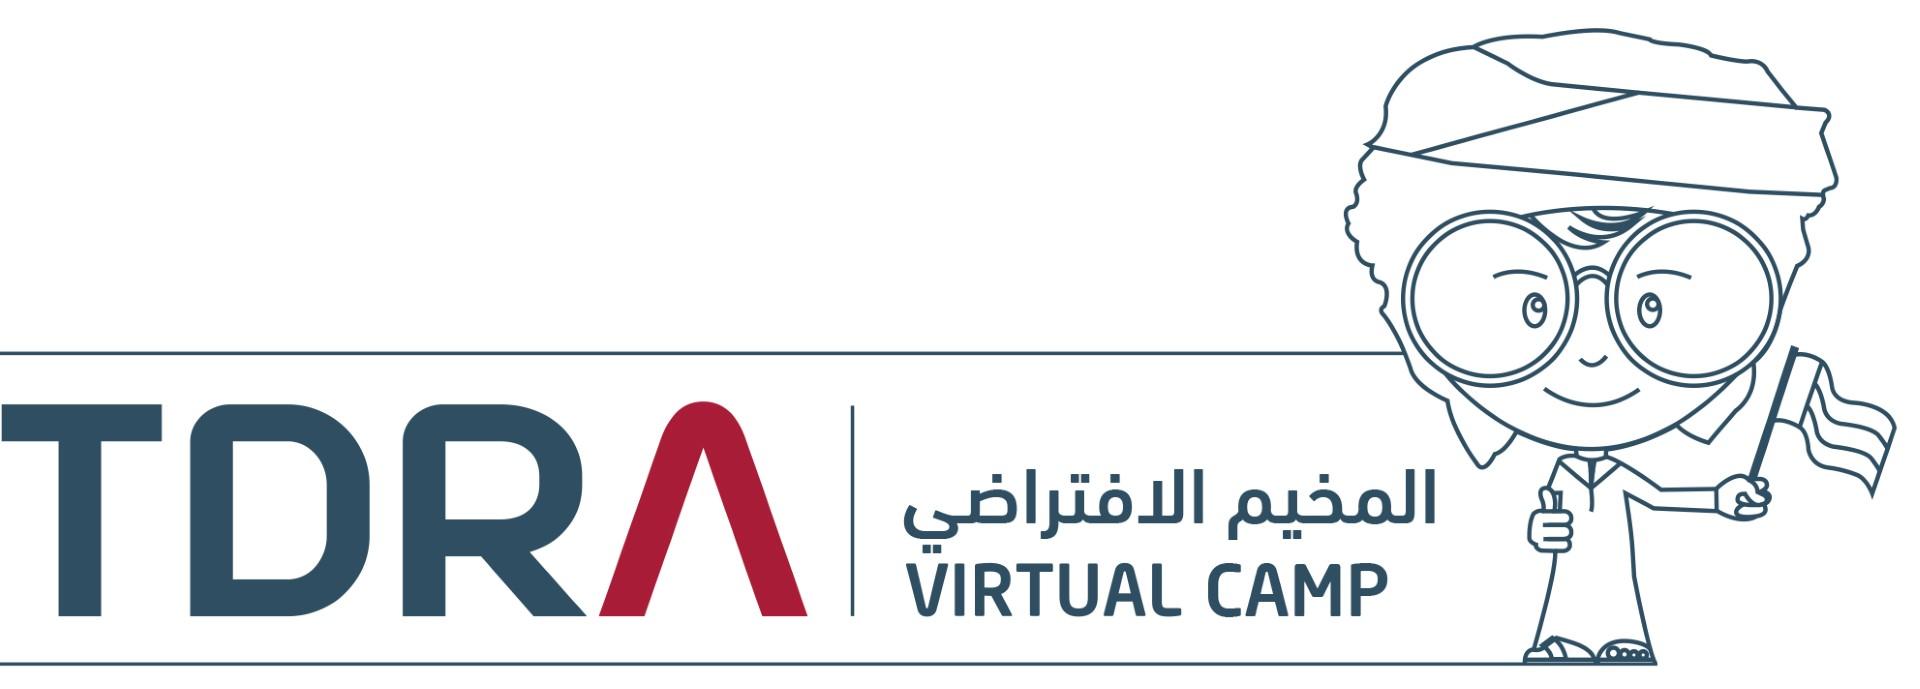 """"""" تنظيم قطاع الاتصالات و الحكومة الرقمية """" تطلق مخيمها الصيفي الافتراضي"""